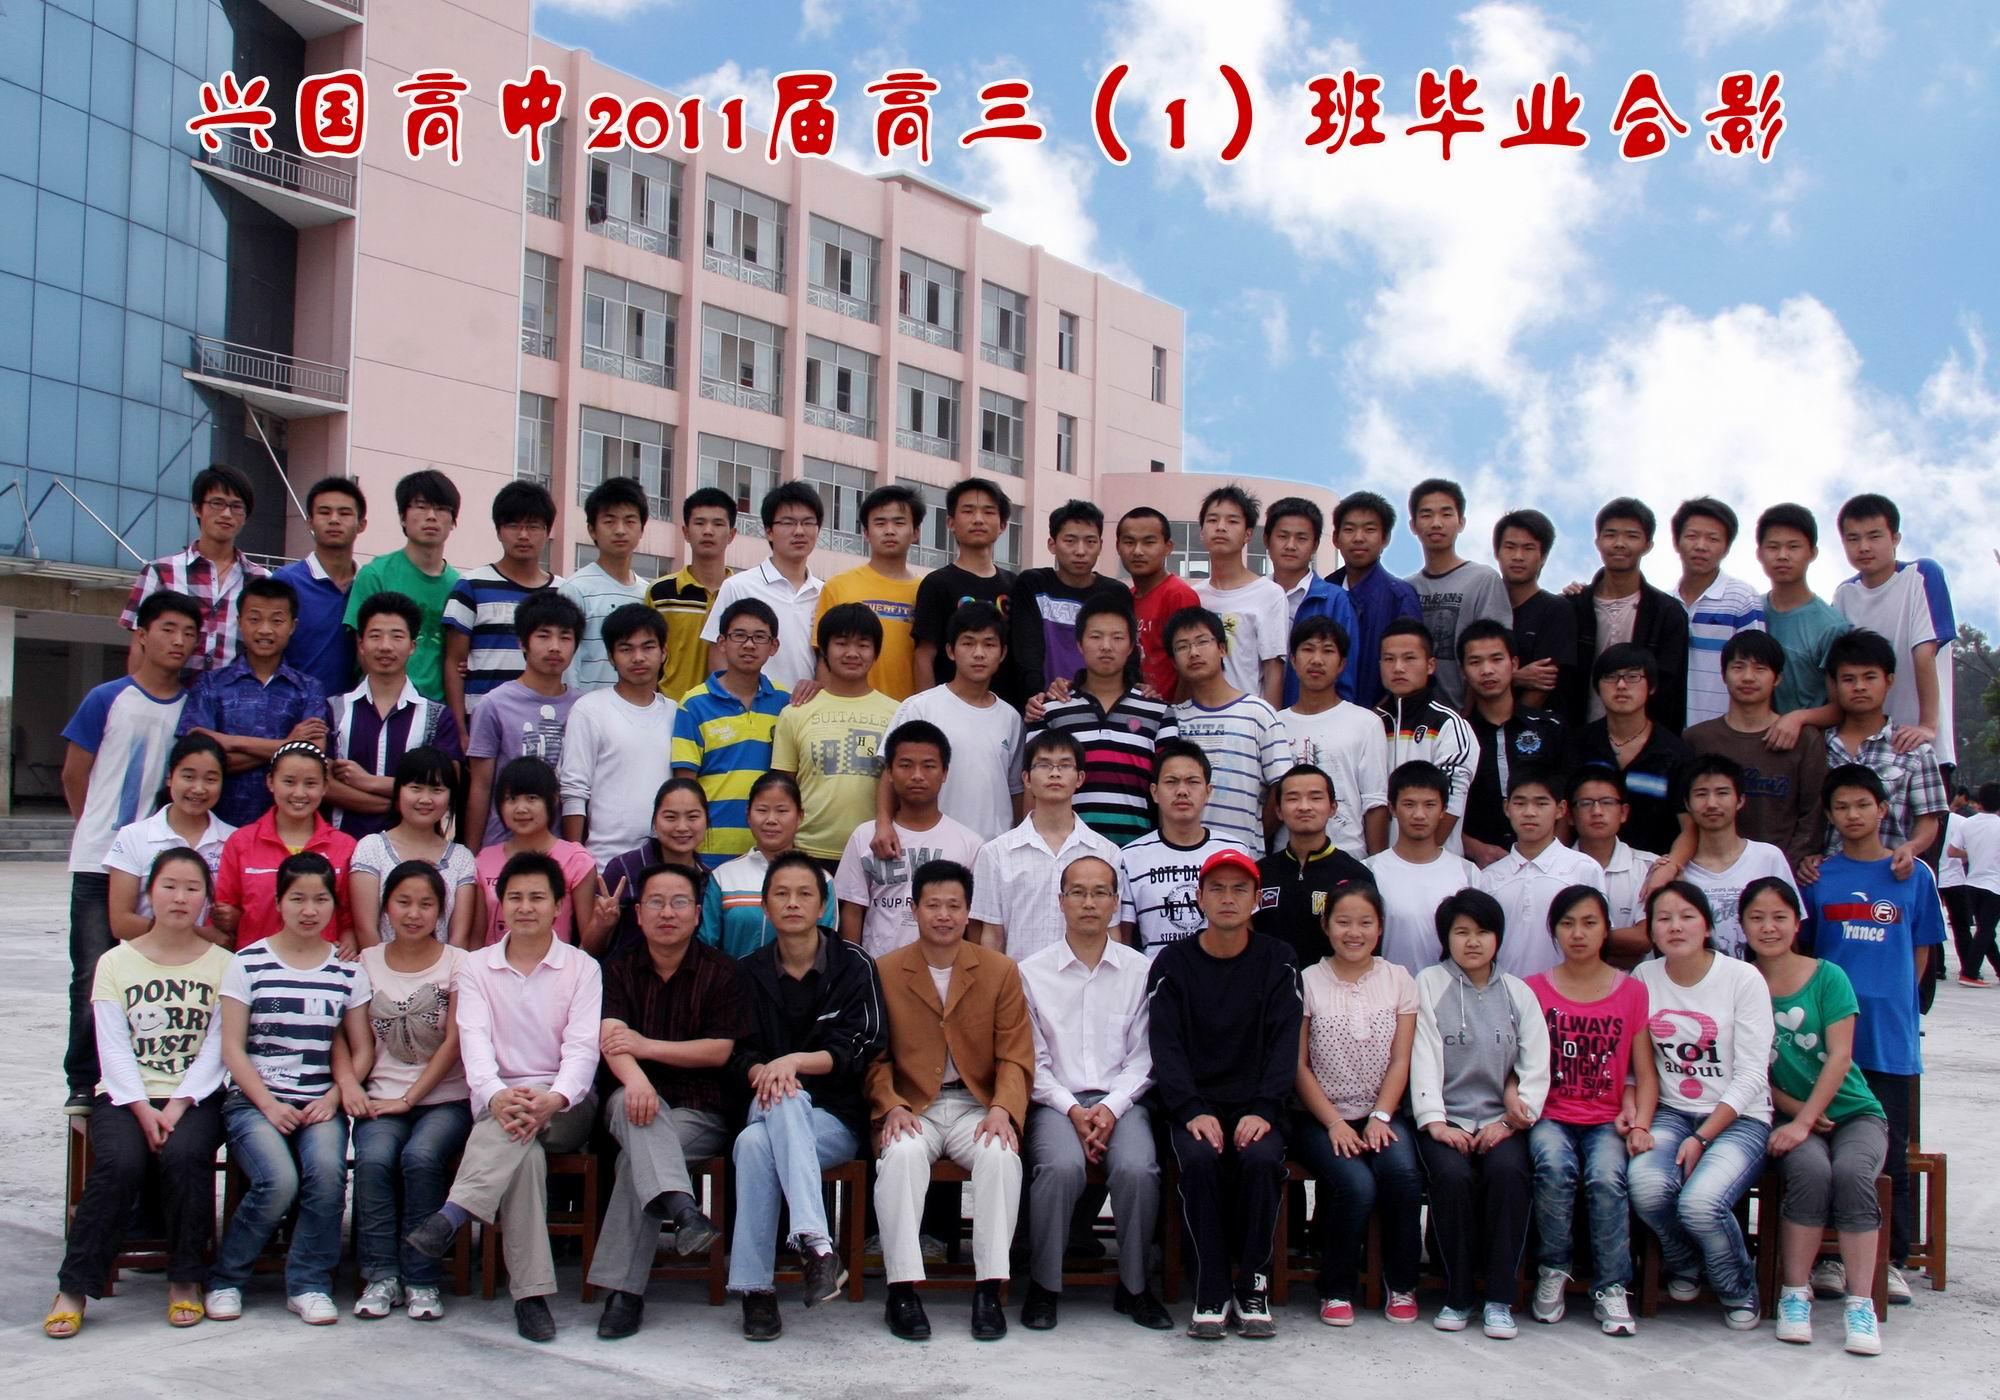 興國高中2011屆同學畢業相冊